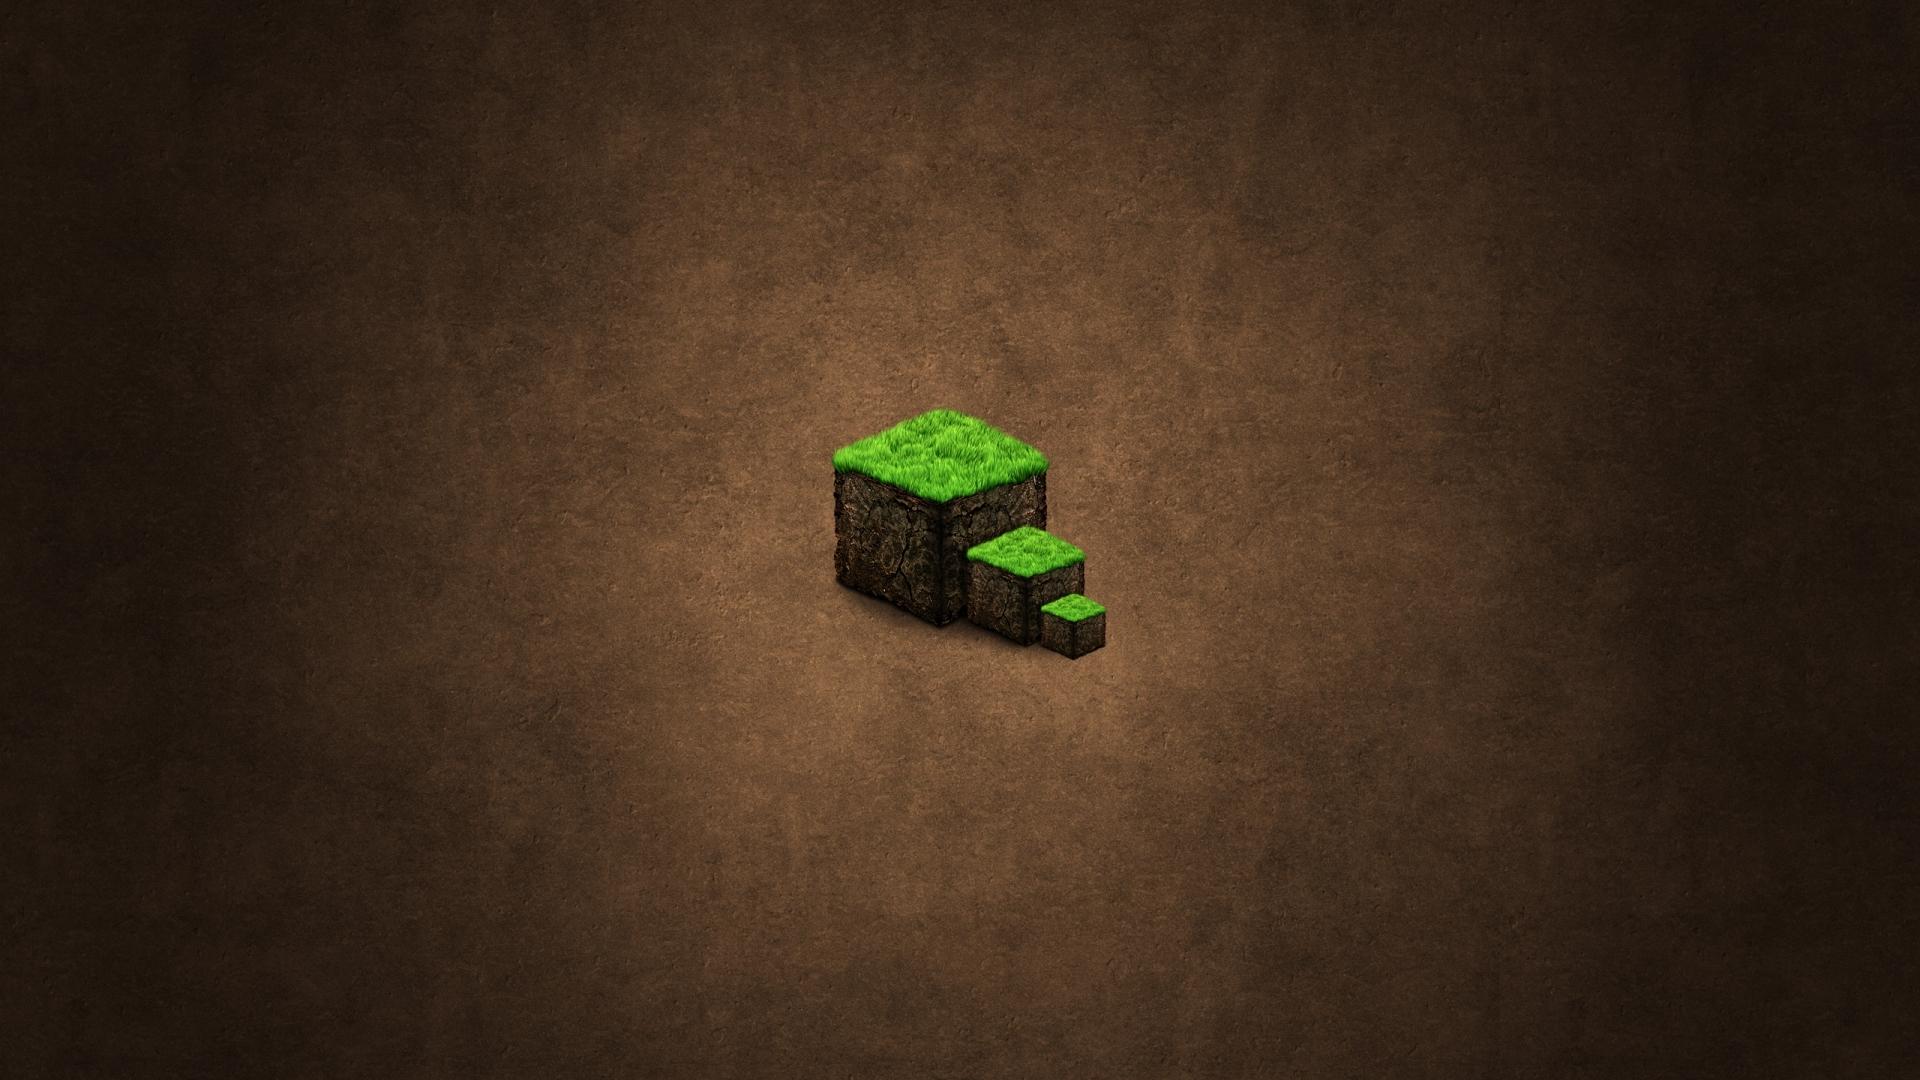 Popular Wallpaper Minecraft Minimalistic - minecraft_ground_background_cube_21196_1920x1080  Snapshot_827153.jpg